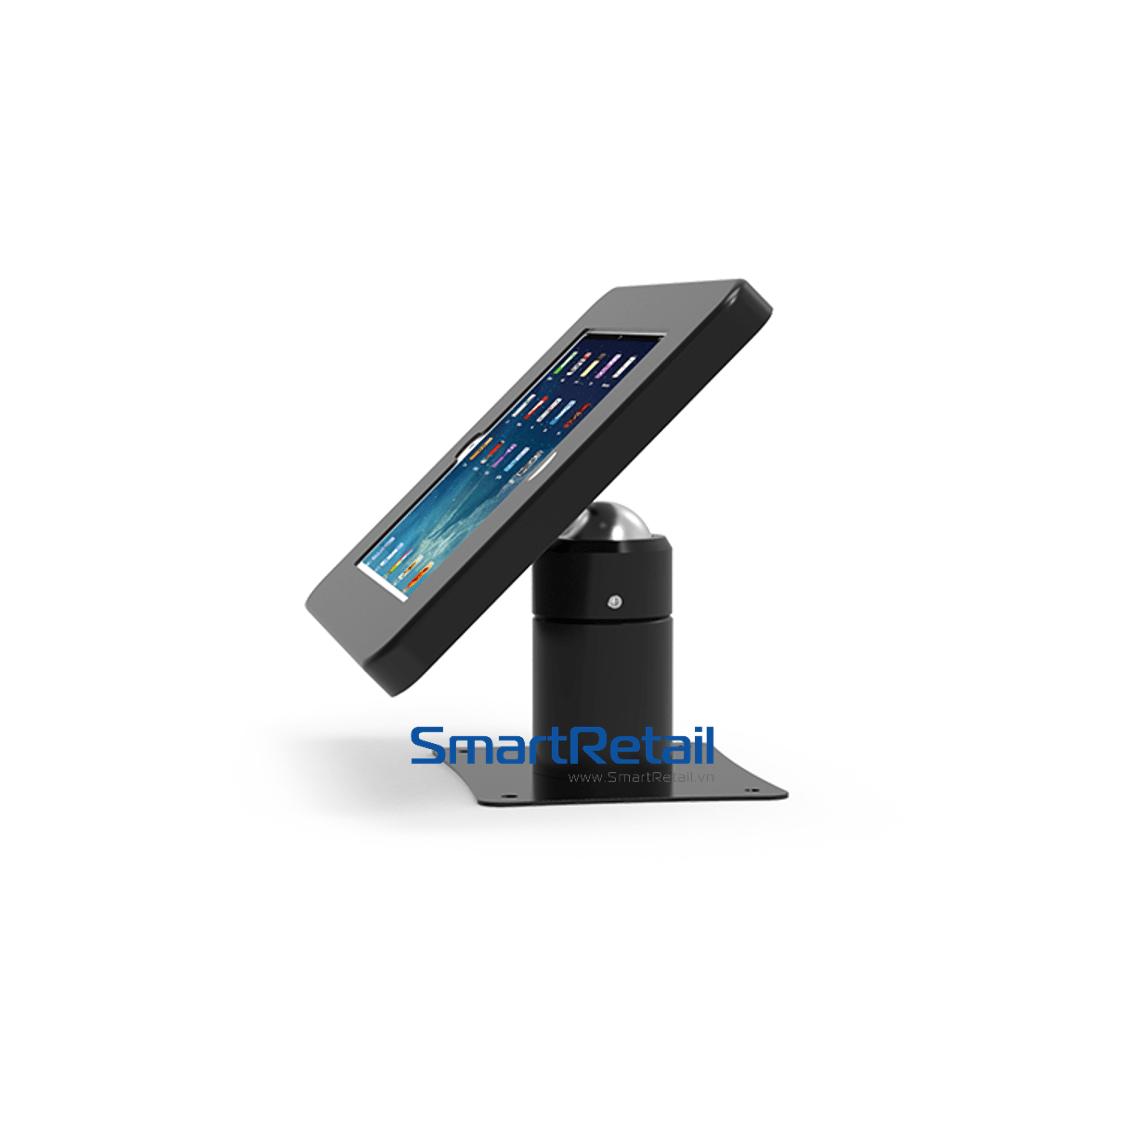 SmartRetail Thiet bi bao ve Tablet SC304 1